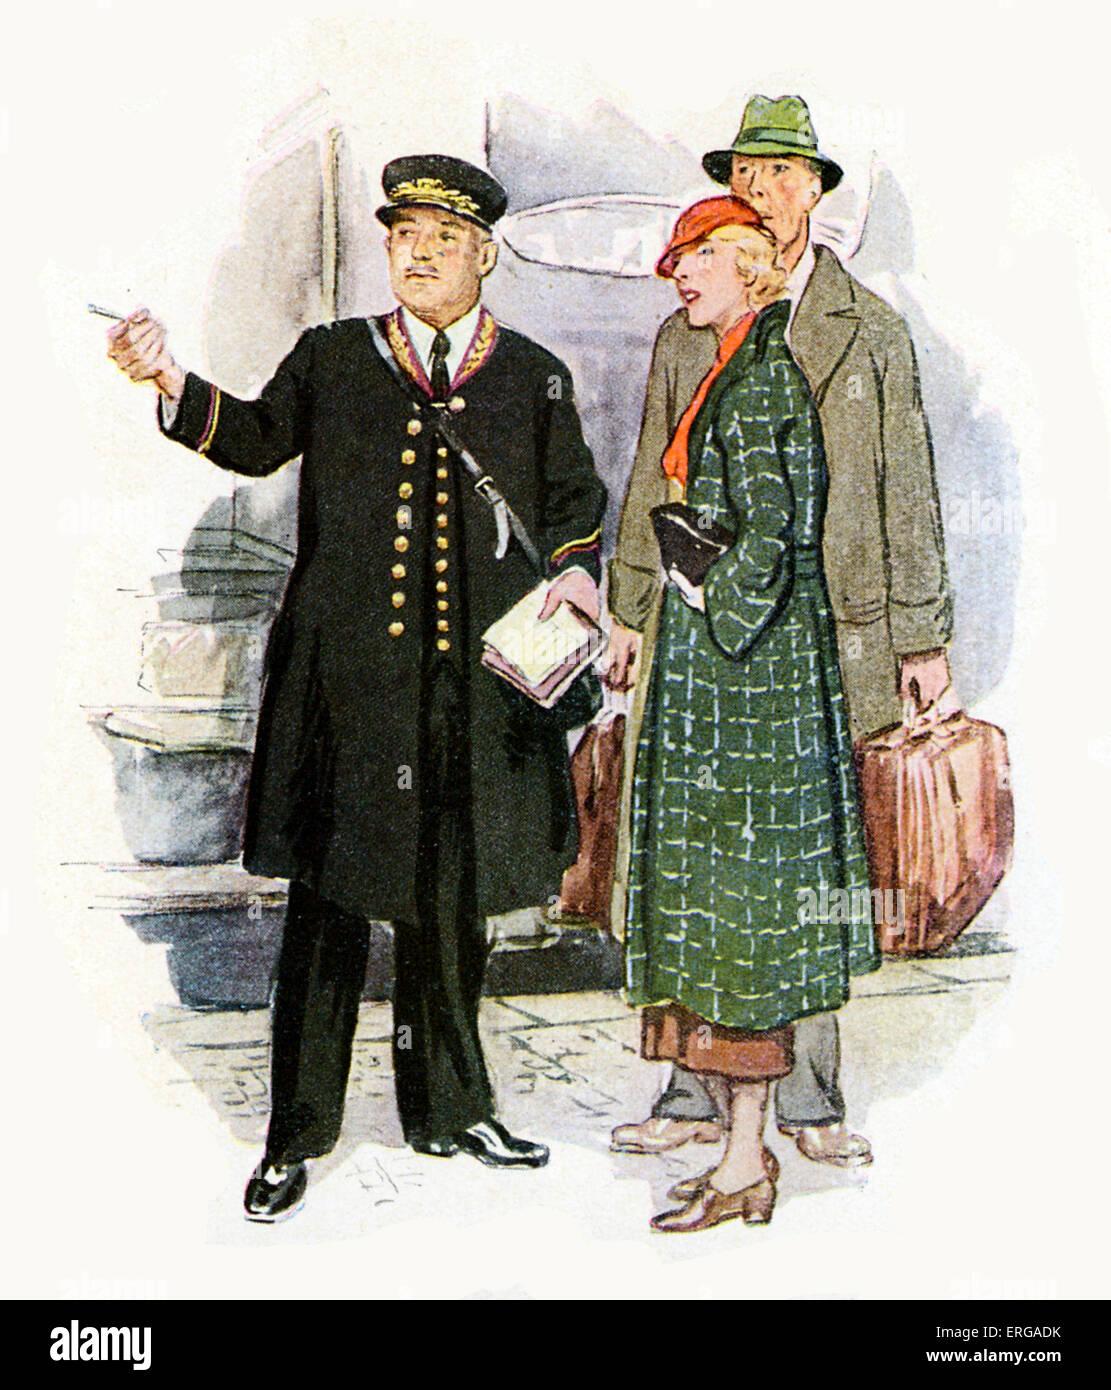 Les uniformes du personnel des chemins de fer français, 1920-30s: contrôleur de train avec passagers. Photo Stock